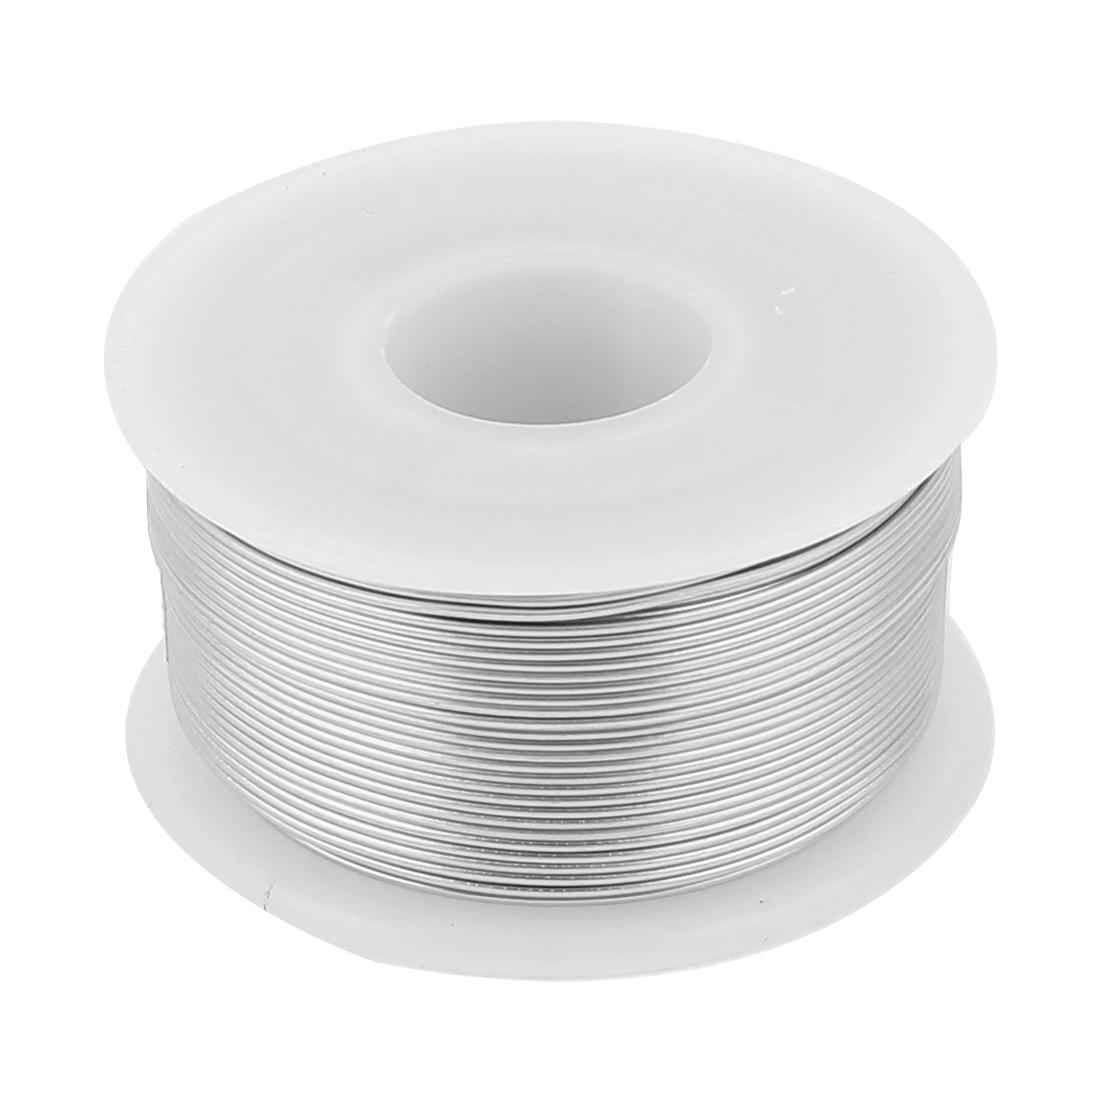 0.8mm 100G Lead Free Rosin Core 1.8% Soldering Solder Wire Roll Reel